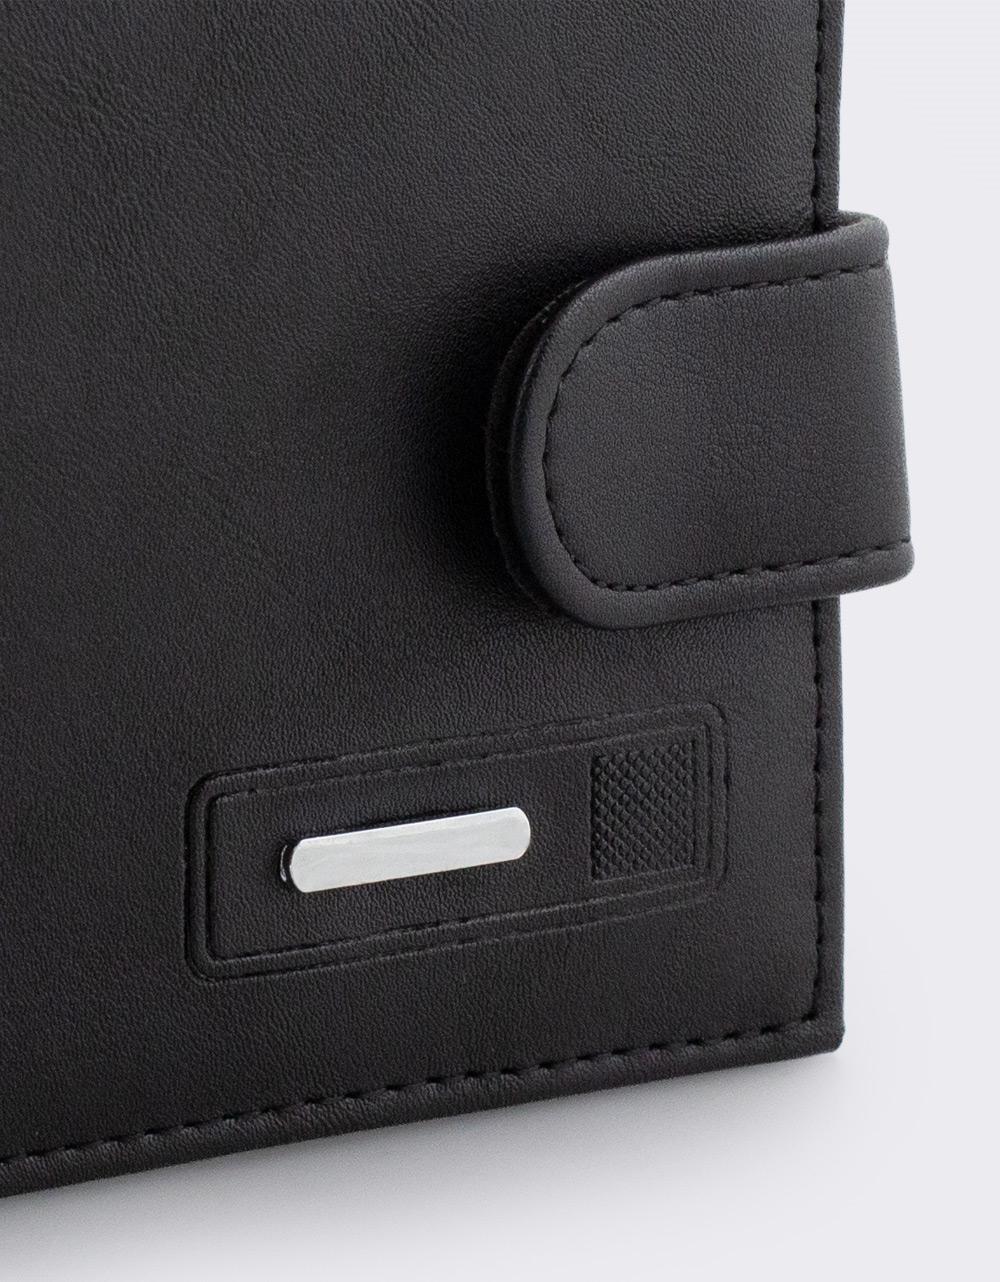 Εικόνα από Ανδρικά πορτοφόλια μονόχρωμα Μαύρο